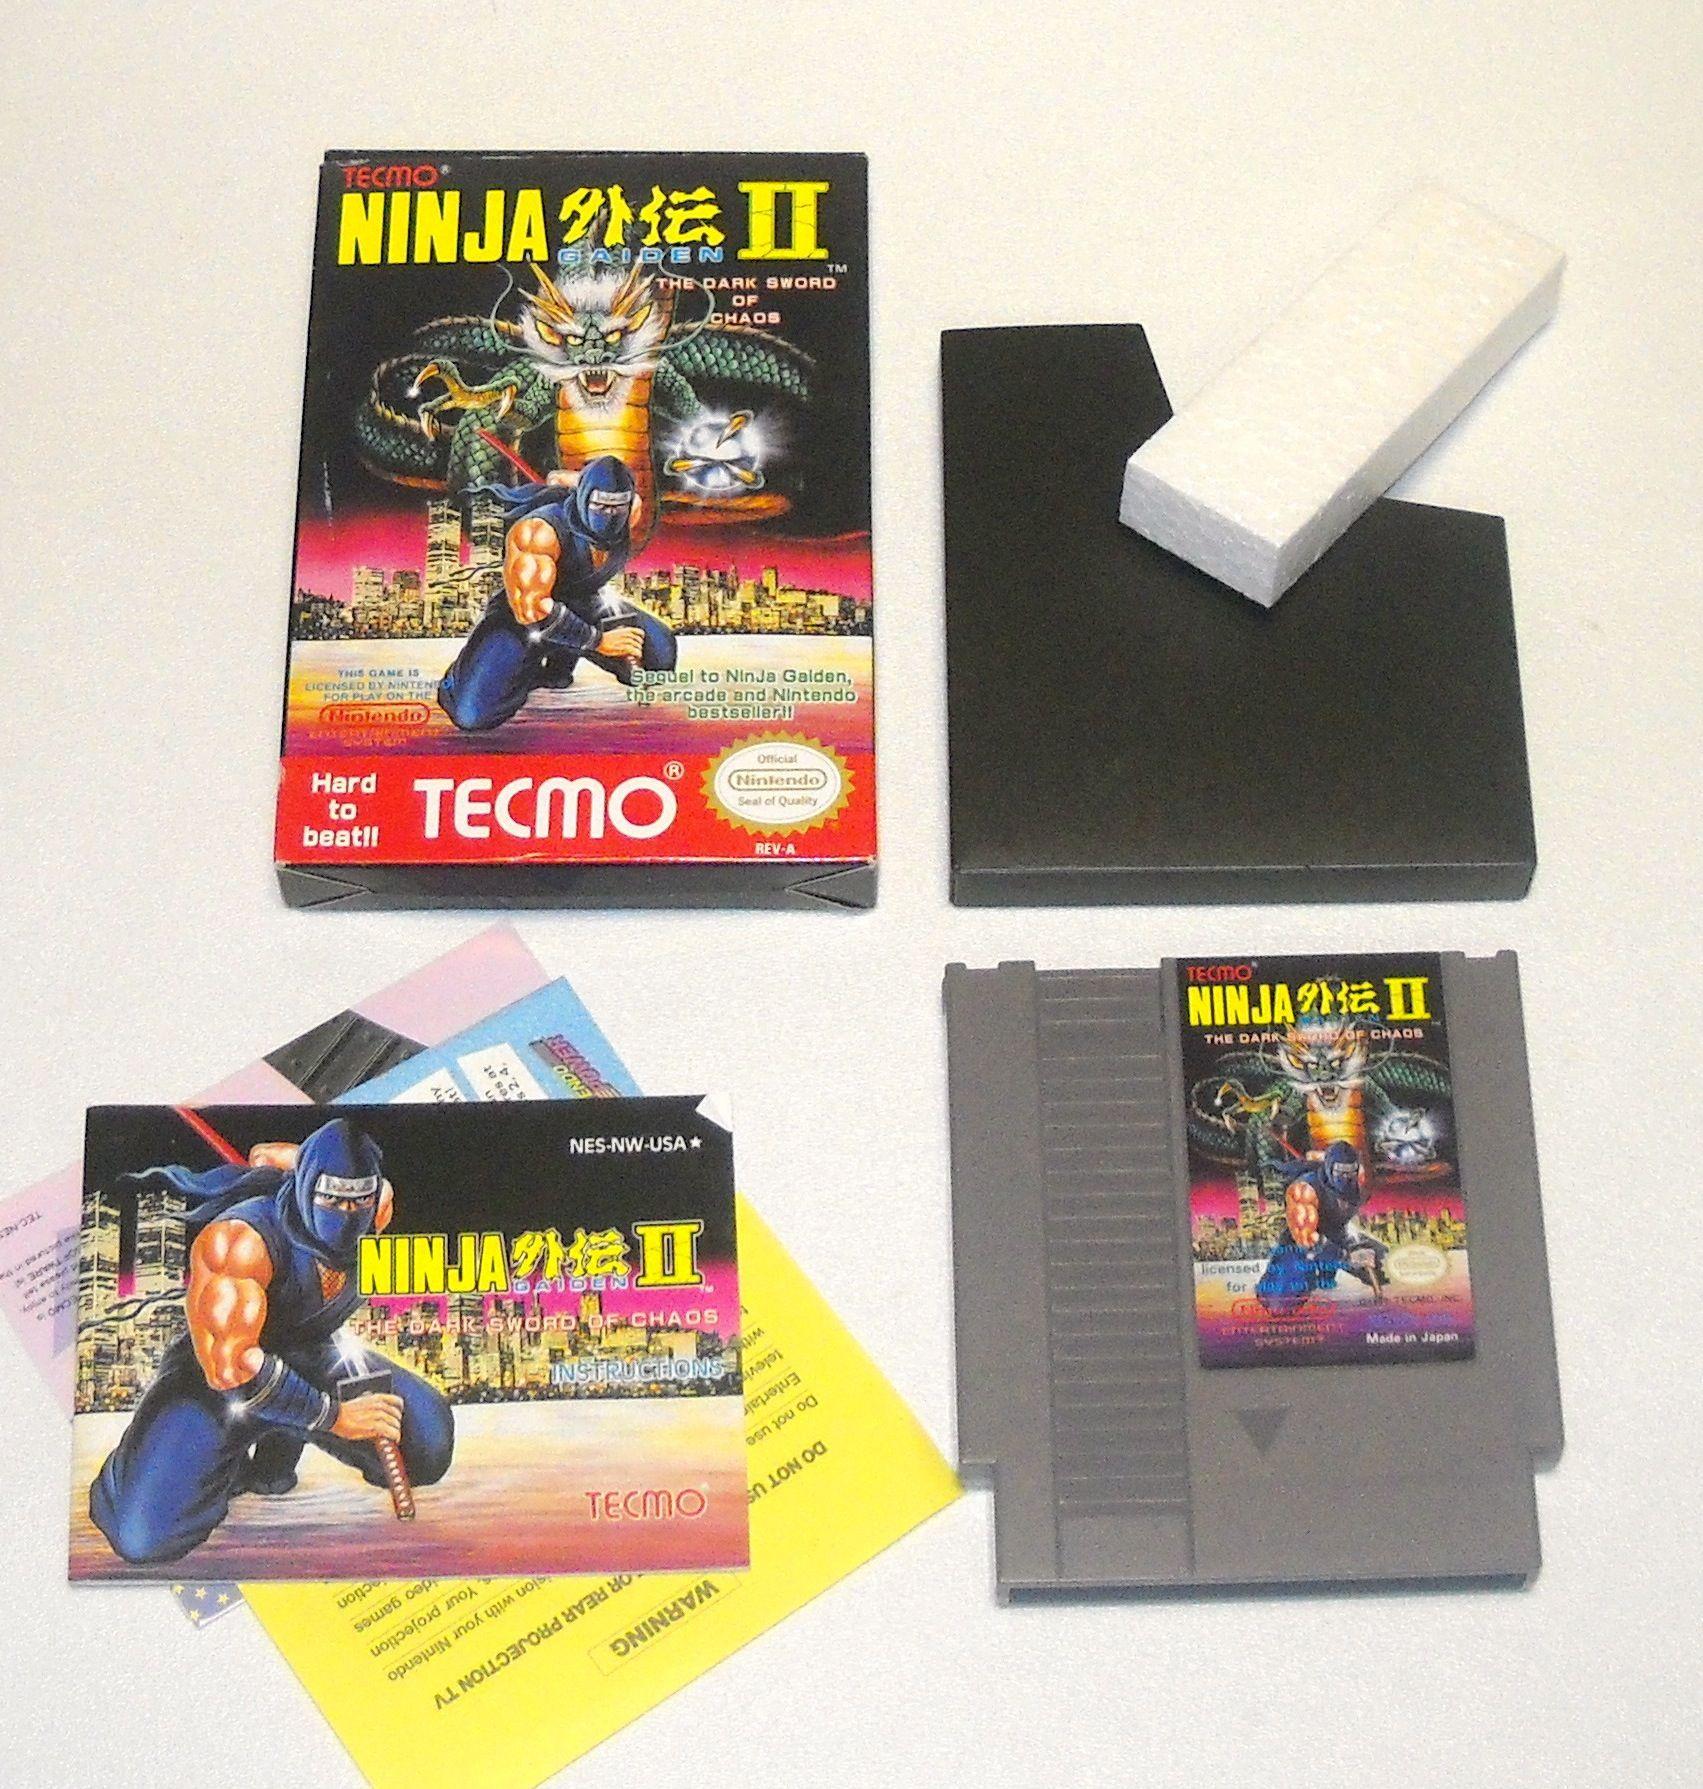 Ninja Gaiden II - Complete for The Nintendo NES - The Old School Game Vault